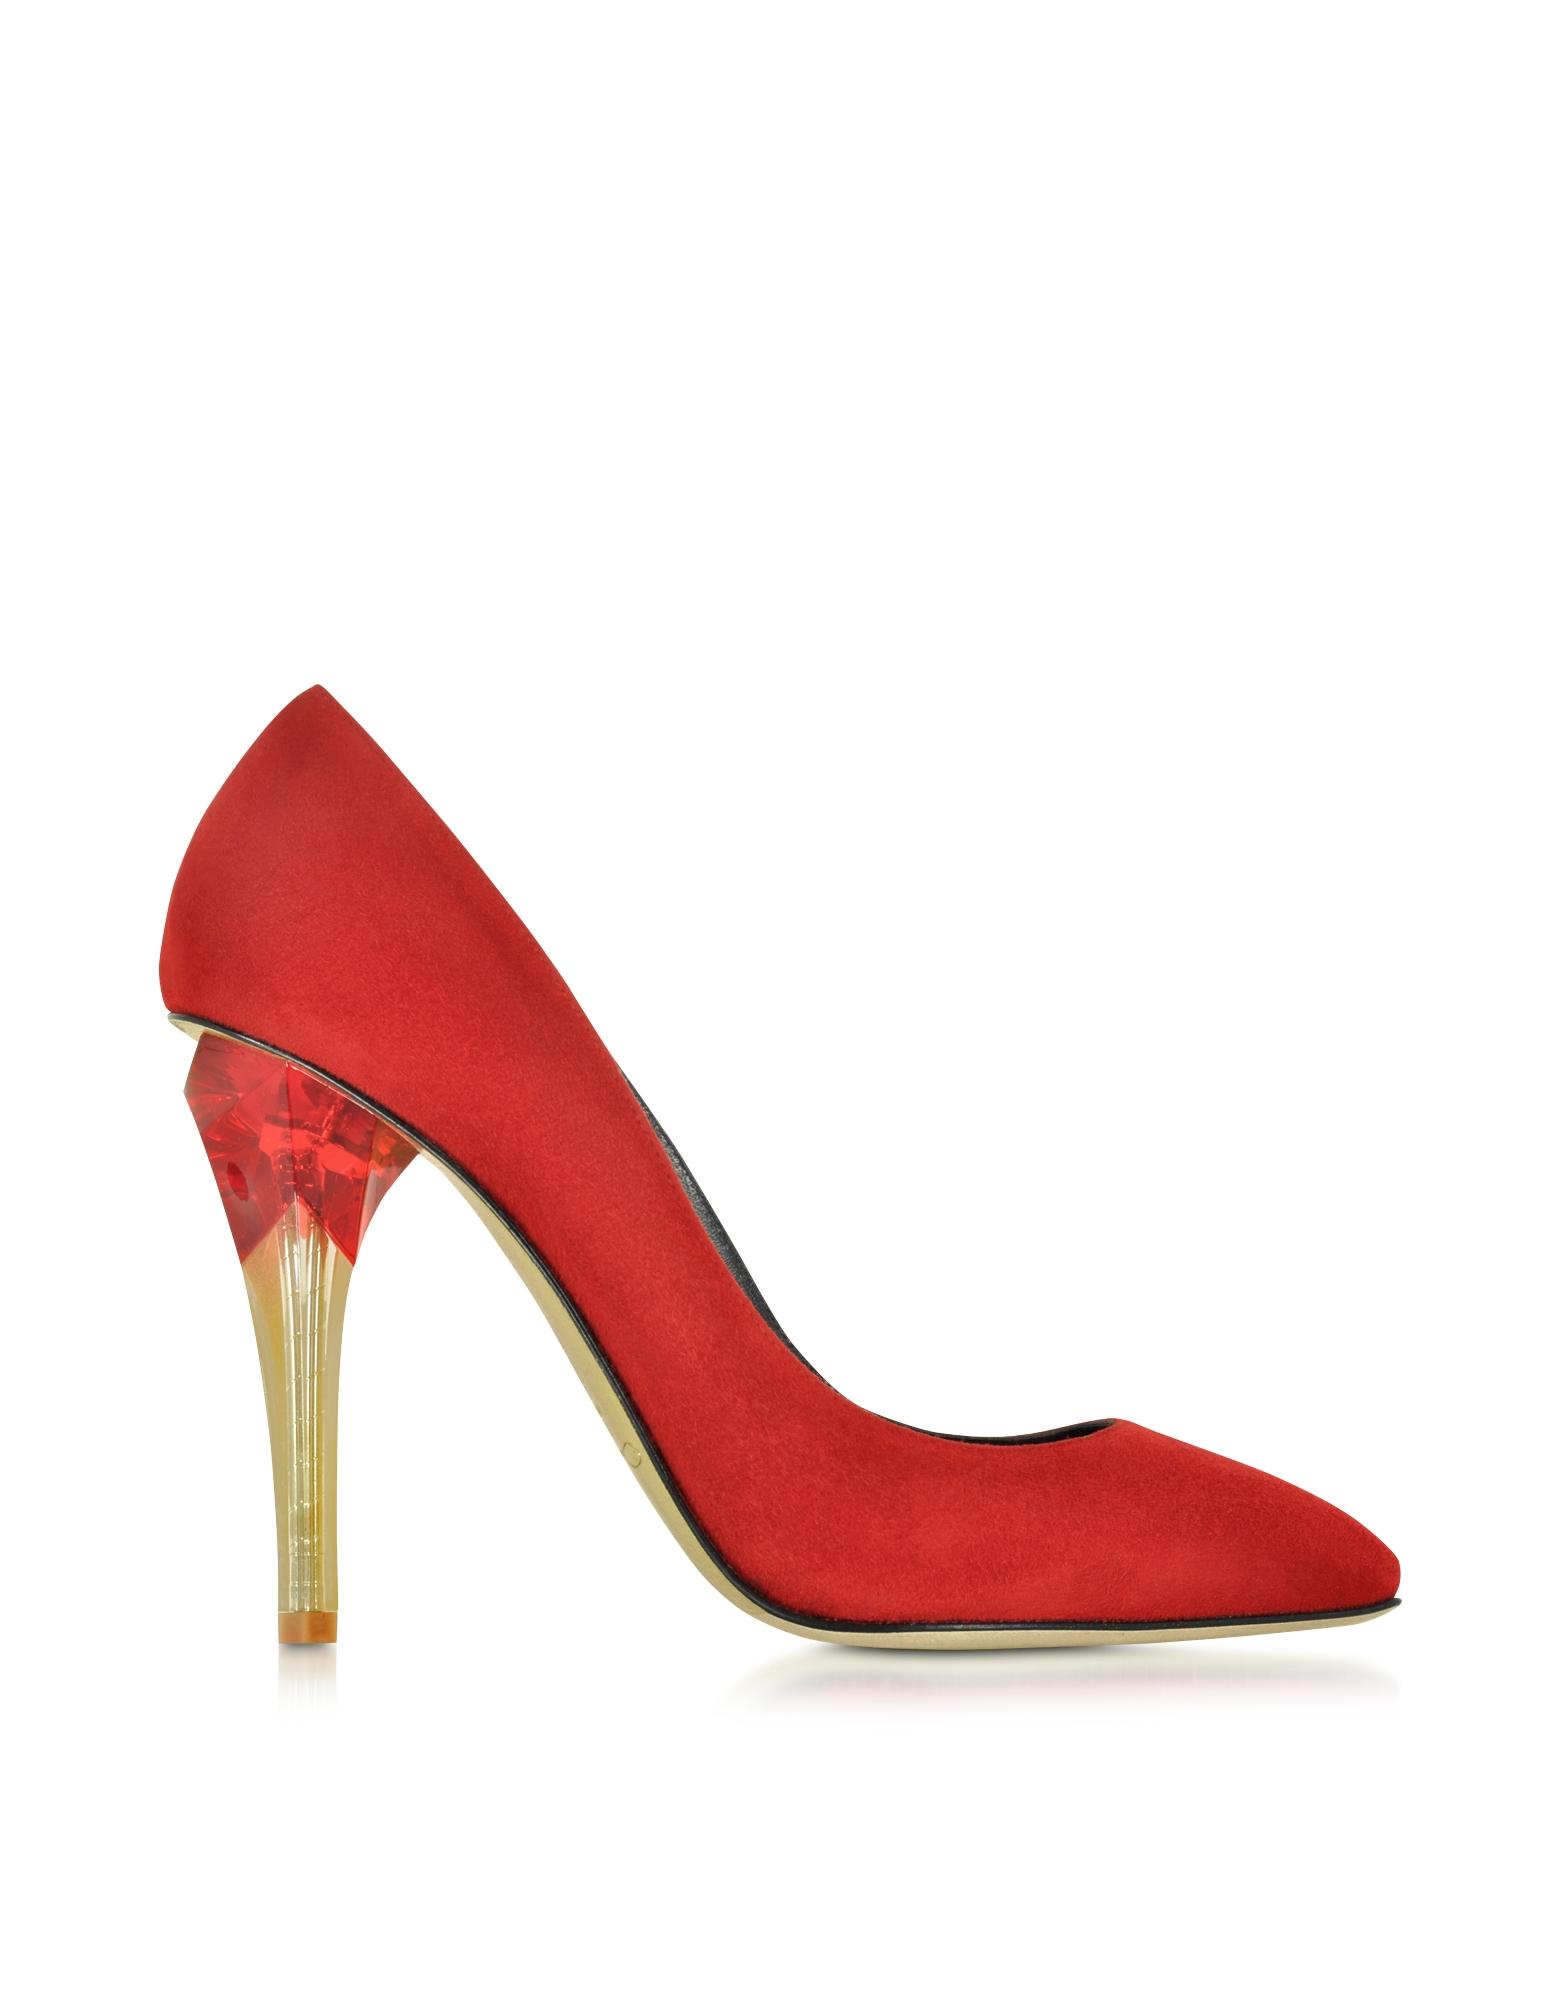 Oscar de la renta Pia Ruby Red Suede W/lucite High Heel Pump in